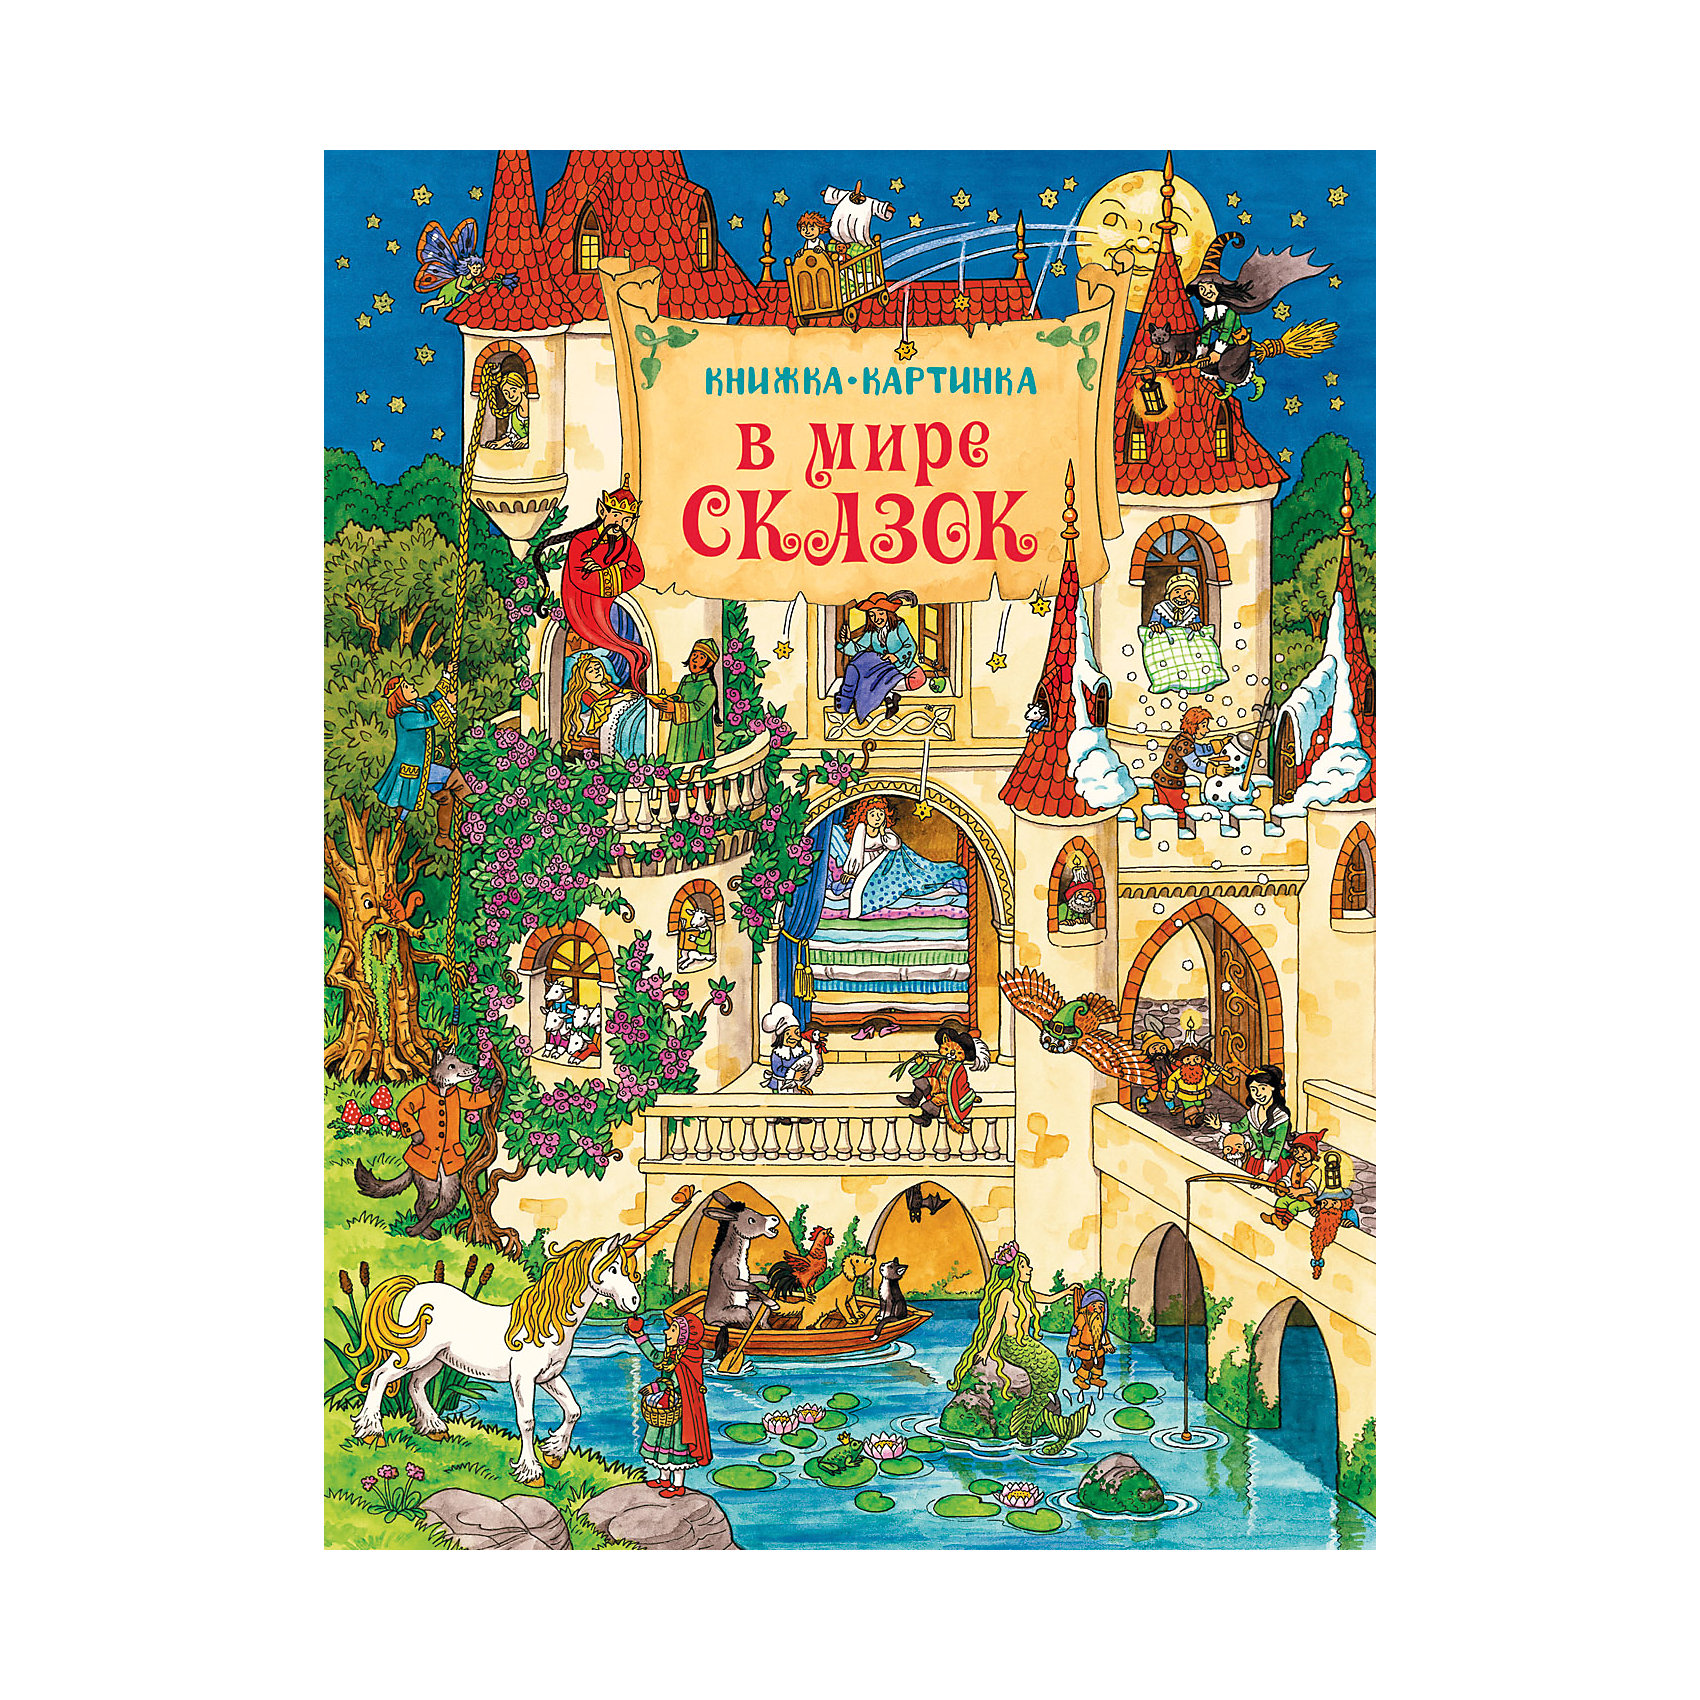 В мире сказок (Книжка-картинка)Росмэн<br>Характеристики товара:<br><br>- цвет: разноцветный;<br>- материал: бумага;<br>- страниц: 14;<br>- формат: 32 x 24 см;<br>- обложка: твердая;<br>- цветные иллюстрации.<br><br>Эта интересная книга с иллюстрациями станет отличным подарком для ребенка. Талантливый иллюстратор дополнил книгу качественными рисунками, которые можно рассматривать бесконечно!<br>Чтение и рассматривание картинок даже в юном возрасте помогает ребенку развивать зрительную память, концентрацию внимания и воображение. Издание произведено из качественных материалов, которые безопасны даже для самых маленьких.<br><br>Книгу В мире сказок (Книжка-картинка) от компании Росмэн можно купить в нашем интернет-магазине.<br><br>Ширина мм: 315<br>Глубина мм: 235<br>Высота мм: 10<br>Вес г: 375<br>Возраст от месяцев: 0<br>Возраст до месяцев: 36<br>Пол: Унисекс<br>Возраст: Детский<br>SKU: 5110051